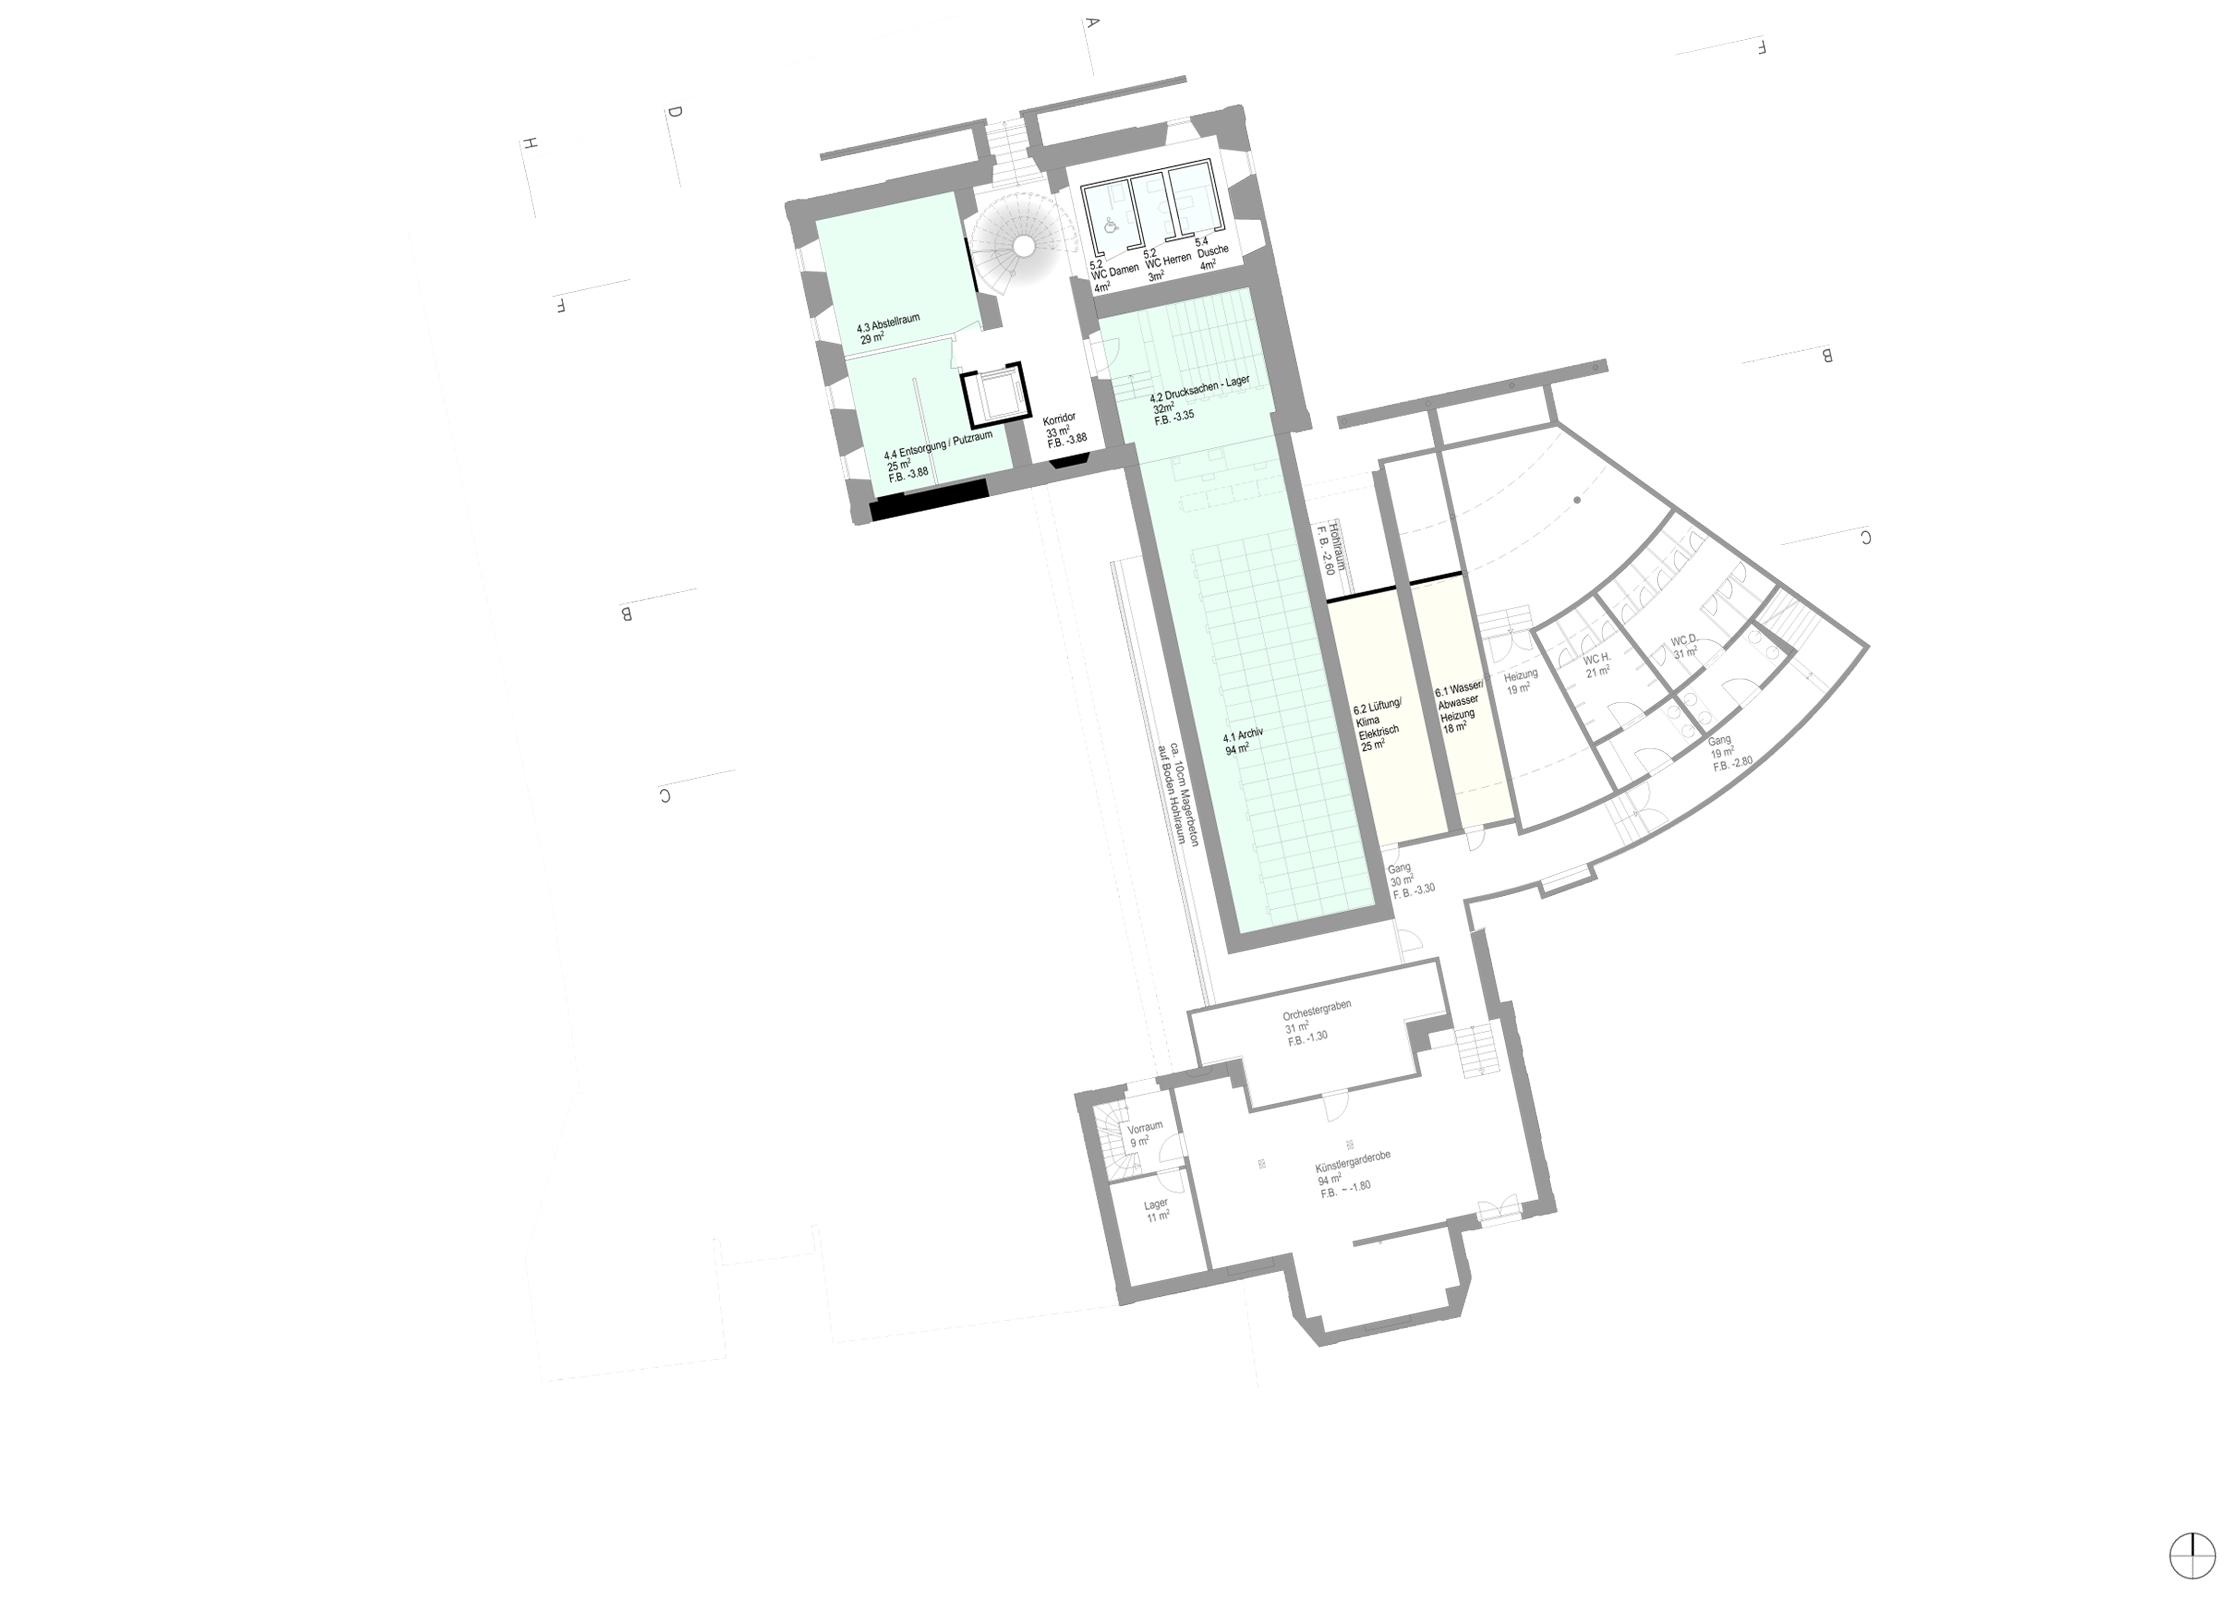 Gemeindeverwaltung Beinwil am See, Eggenspieler Architekten AG